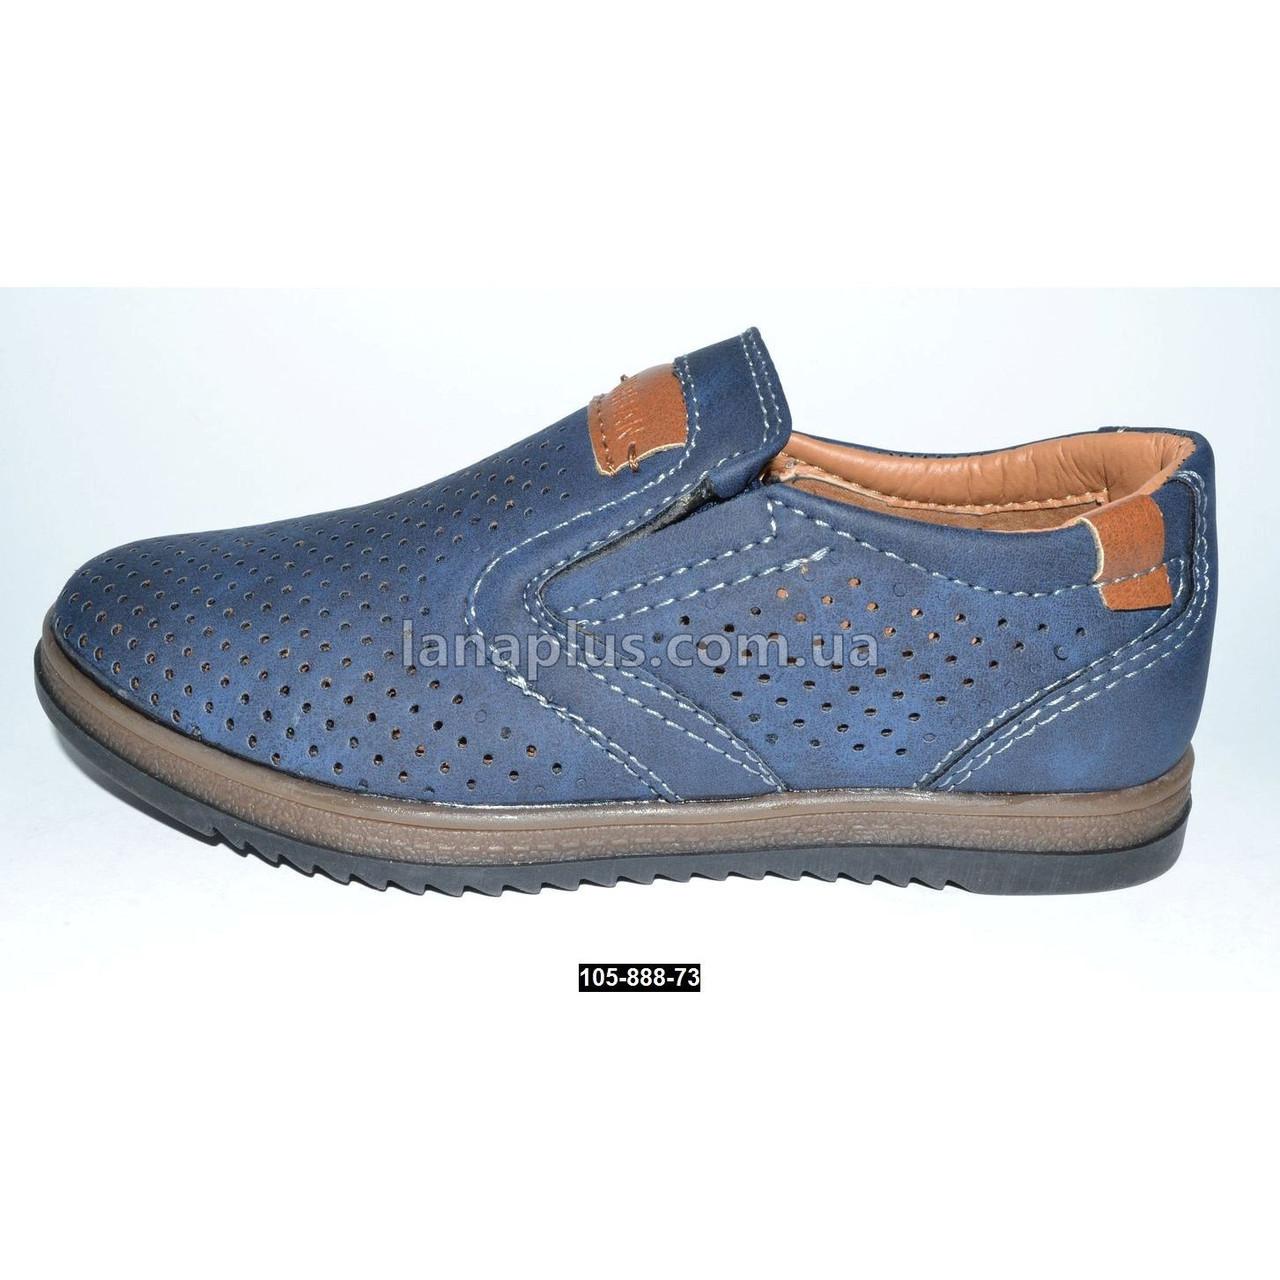 Летние мокасины, туфли для мальчика, 30 размер (19.5 см), супинатор, кожаная стелька